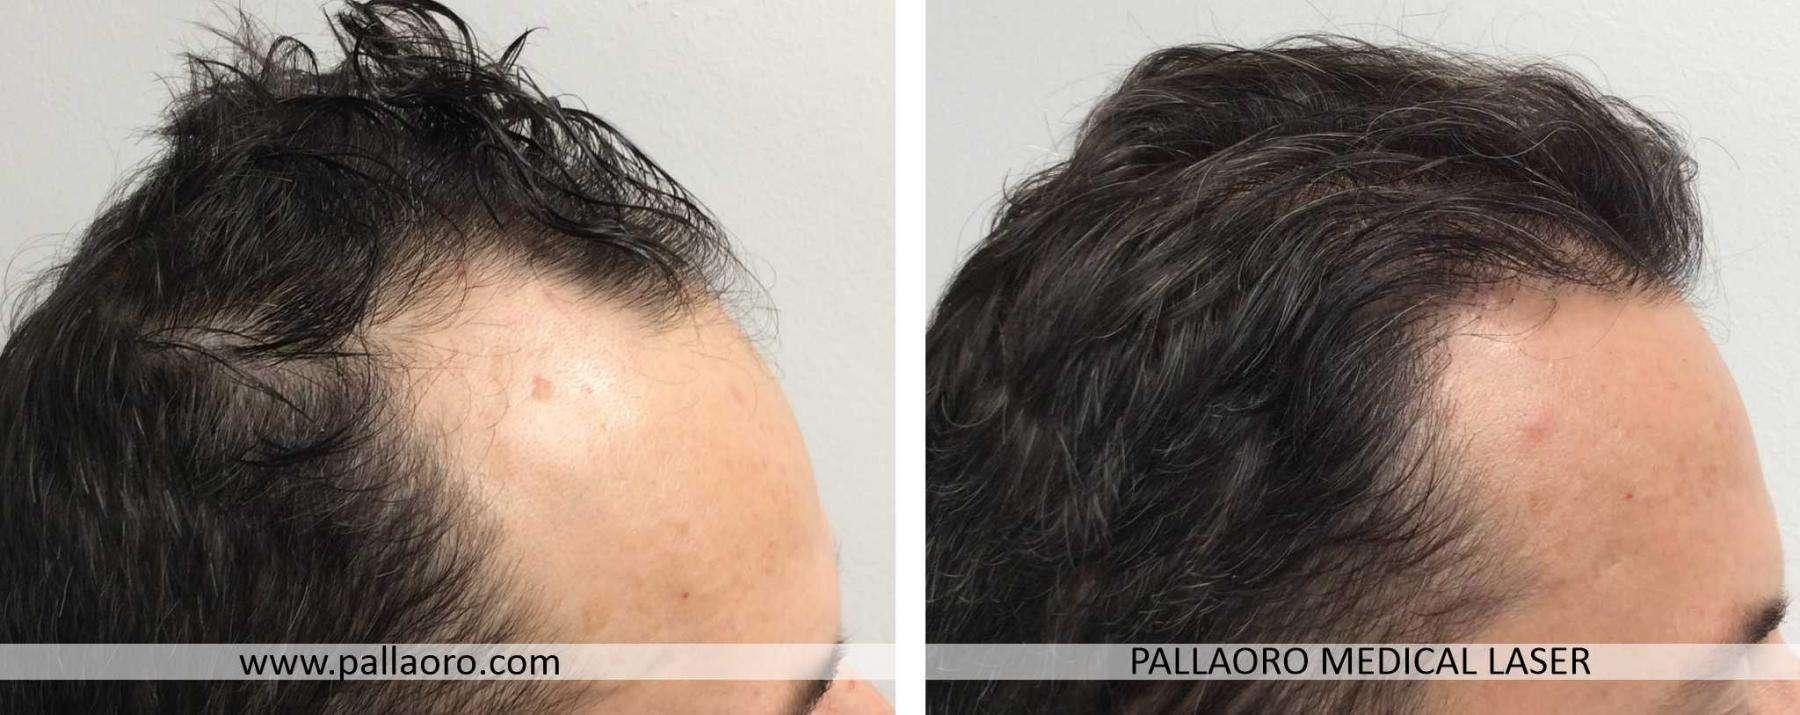 trapianto capelli 2021 03 b